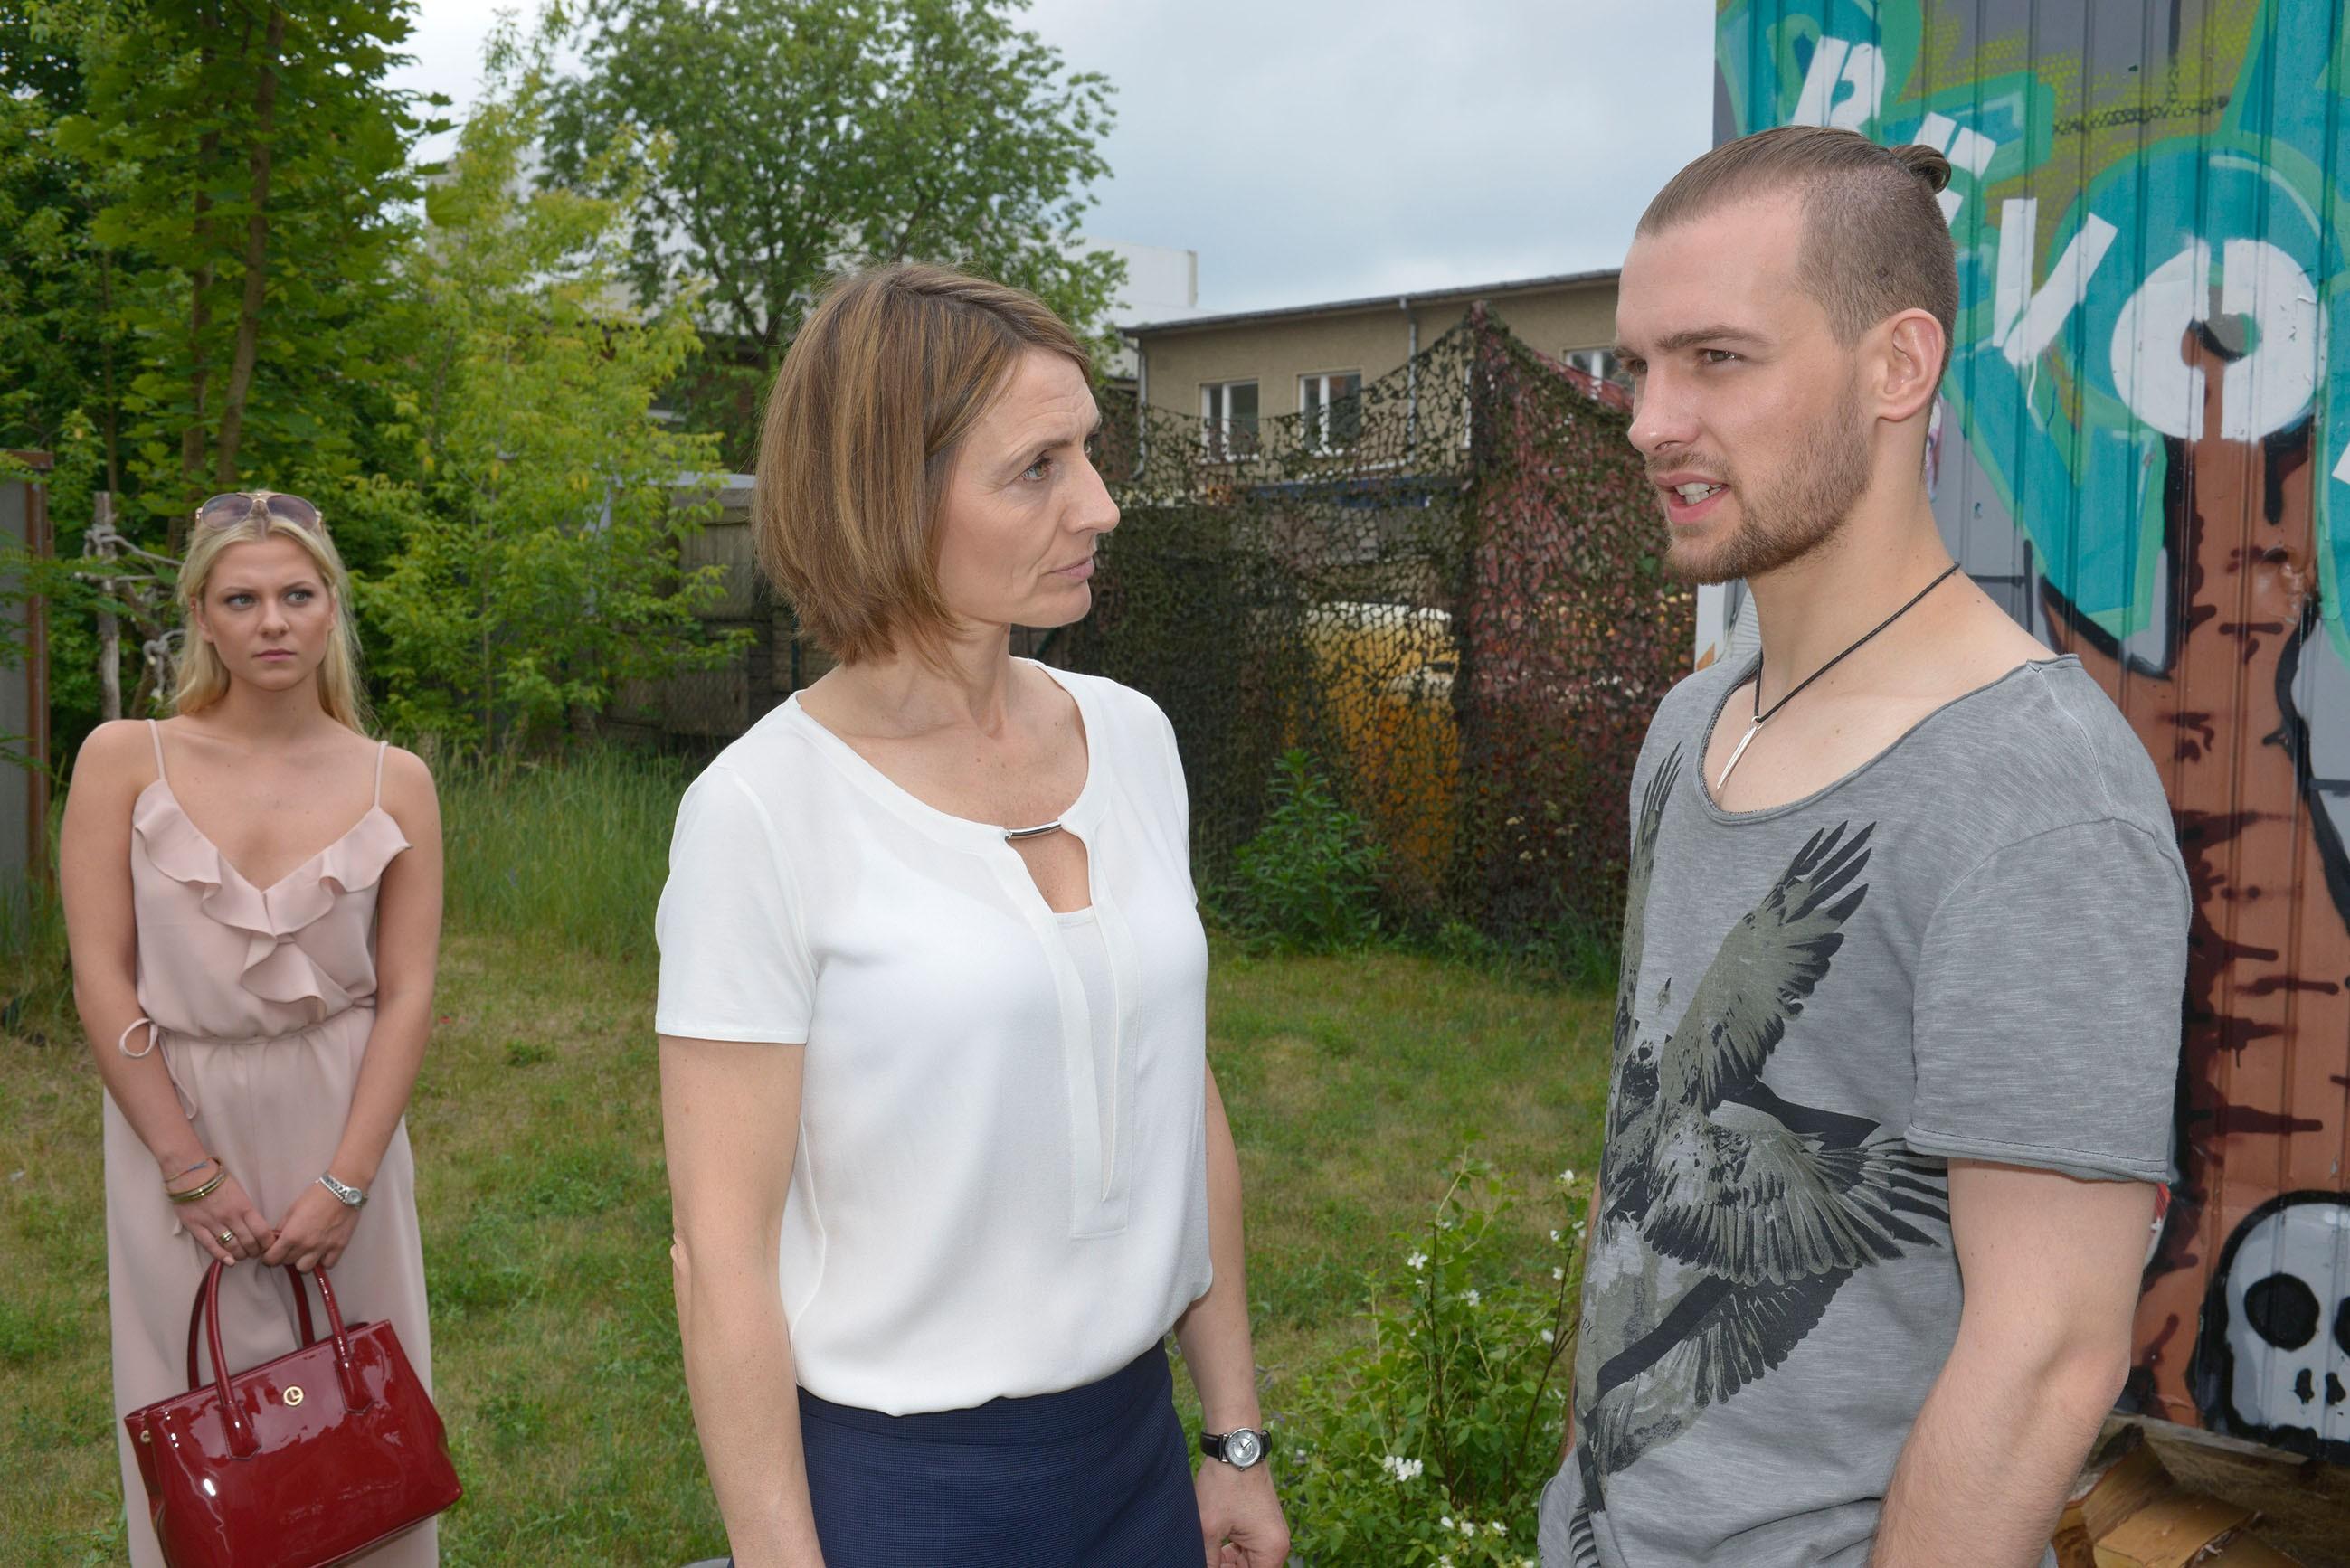 Sunny (Valentina Pahde, l.) hat unabsichtlich dafür gesorgt, dass Chris (Eric Stehfest) sich mit seiner Mutter Rosa (Joana Schümer) konfrontiert sieht... (Quelle: RTL / Rolf Baumgartner)